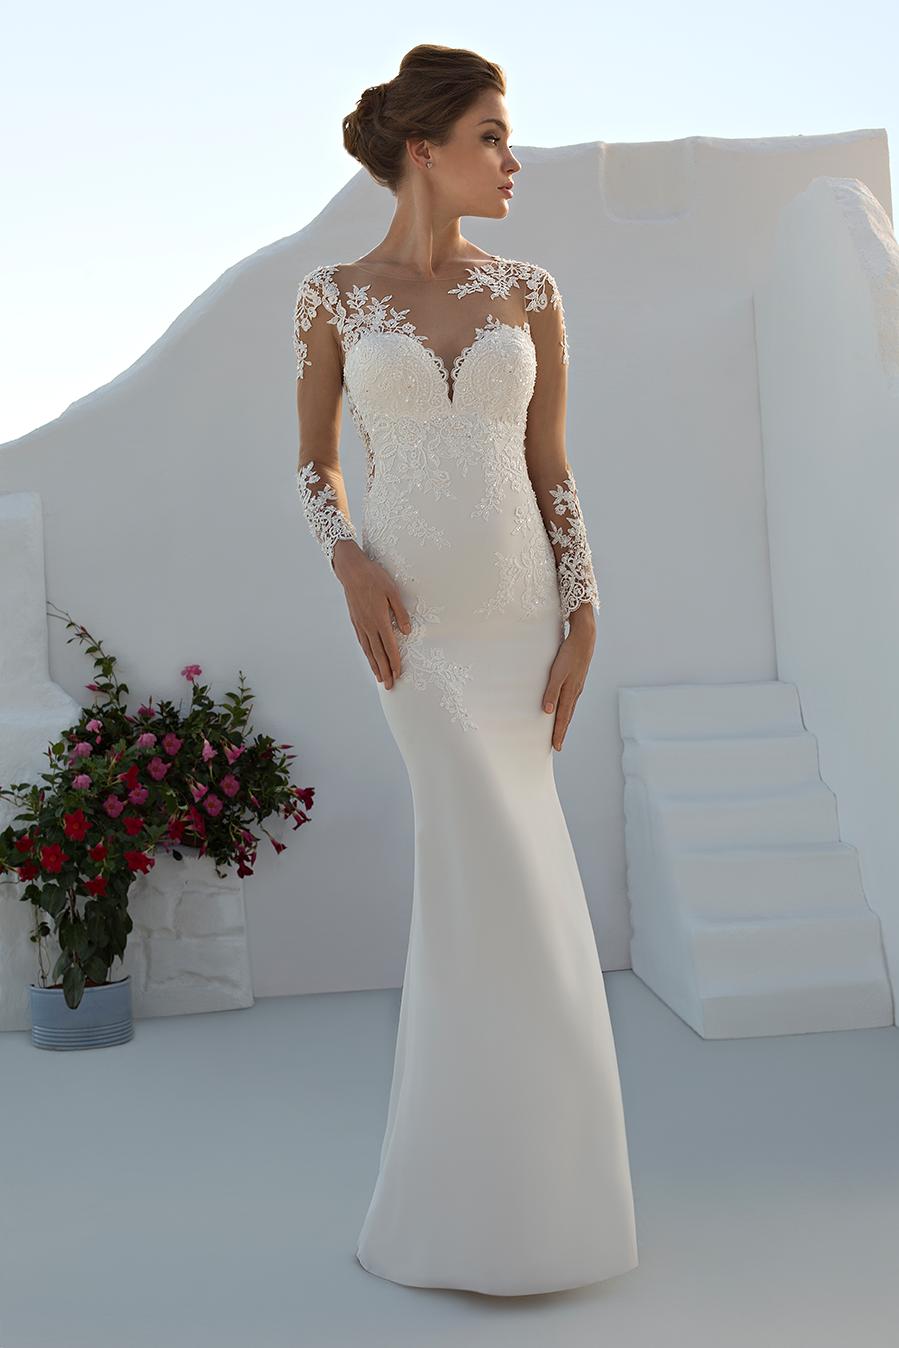 Mark Lesley | Barony Brides